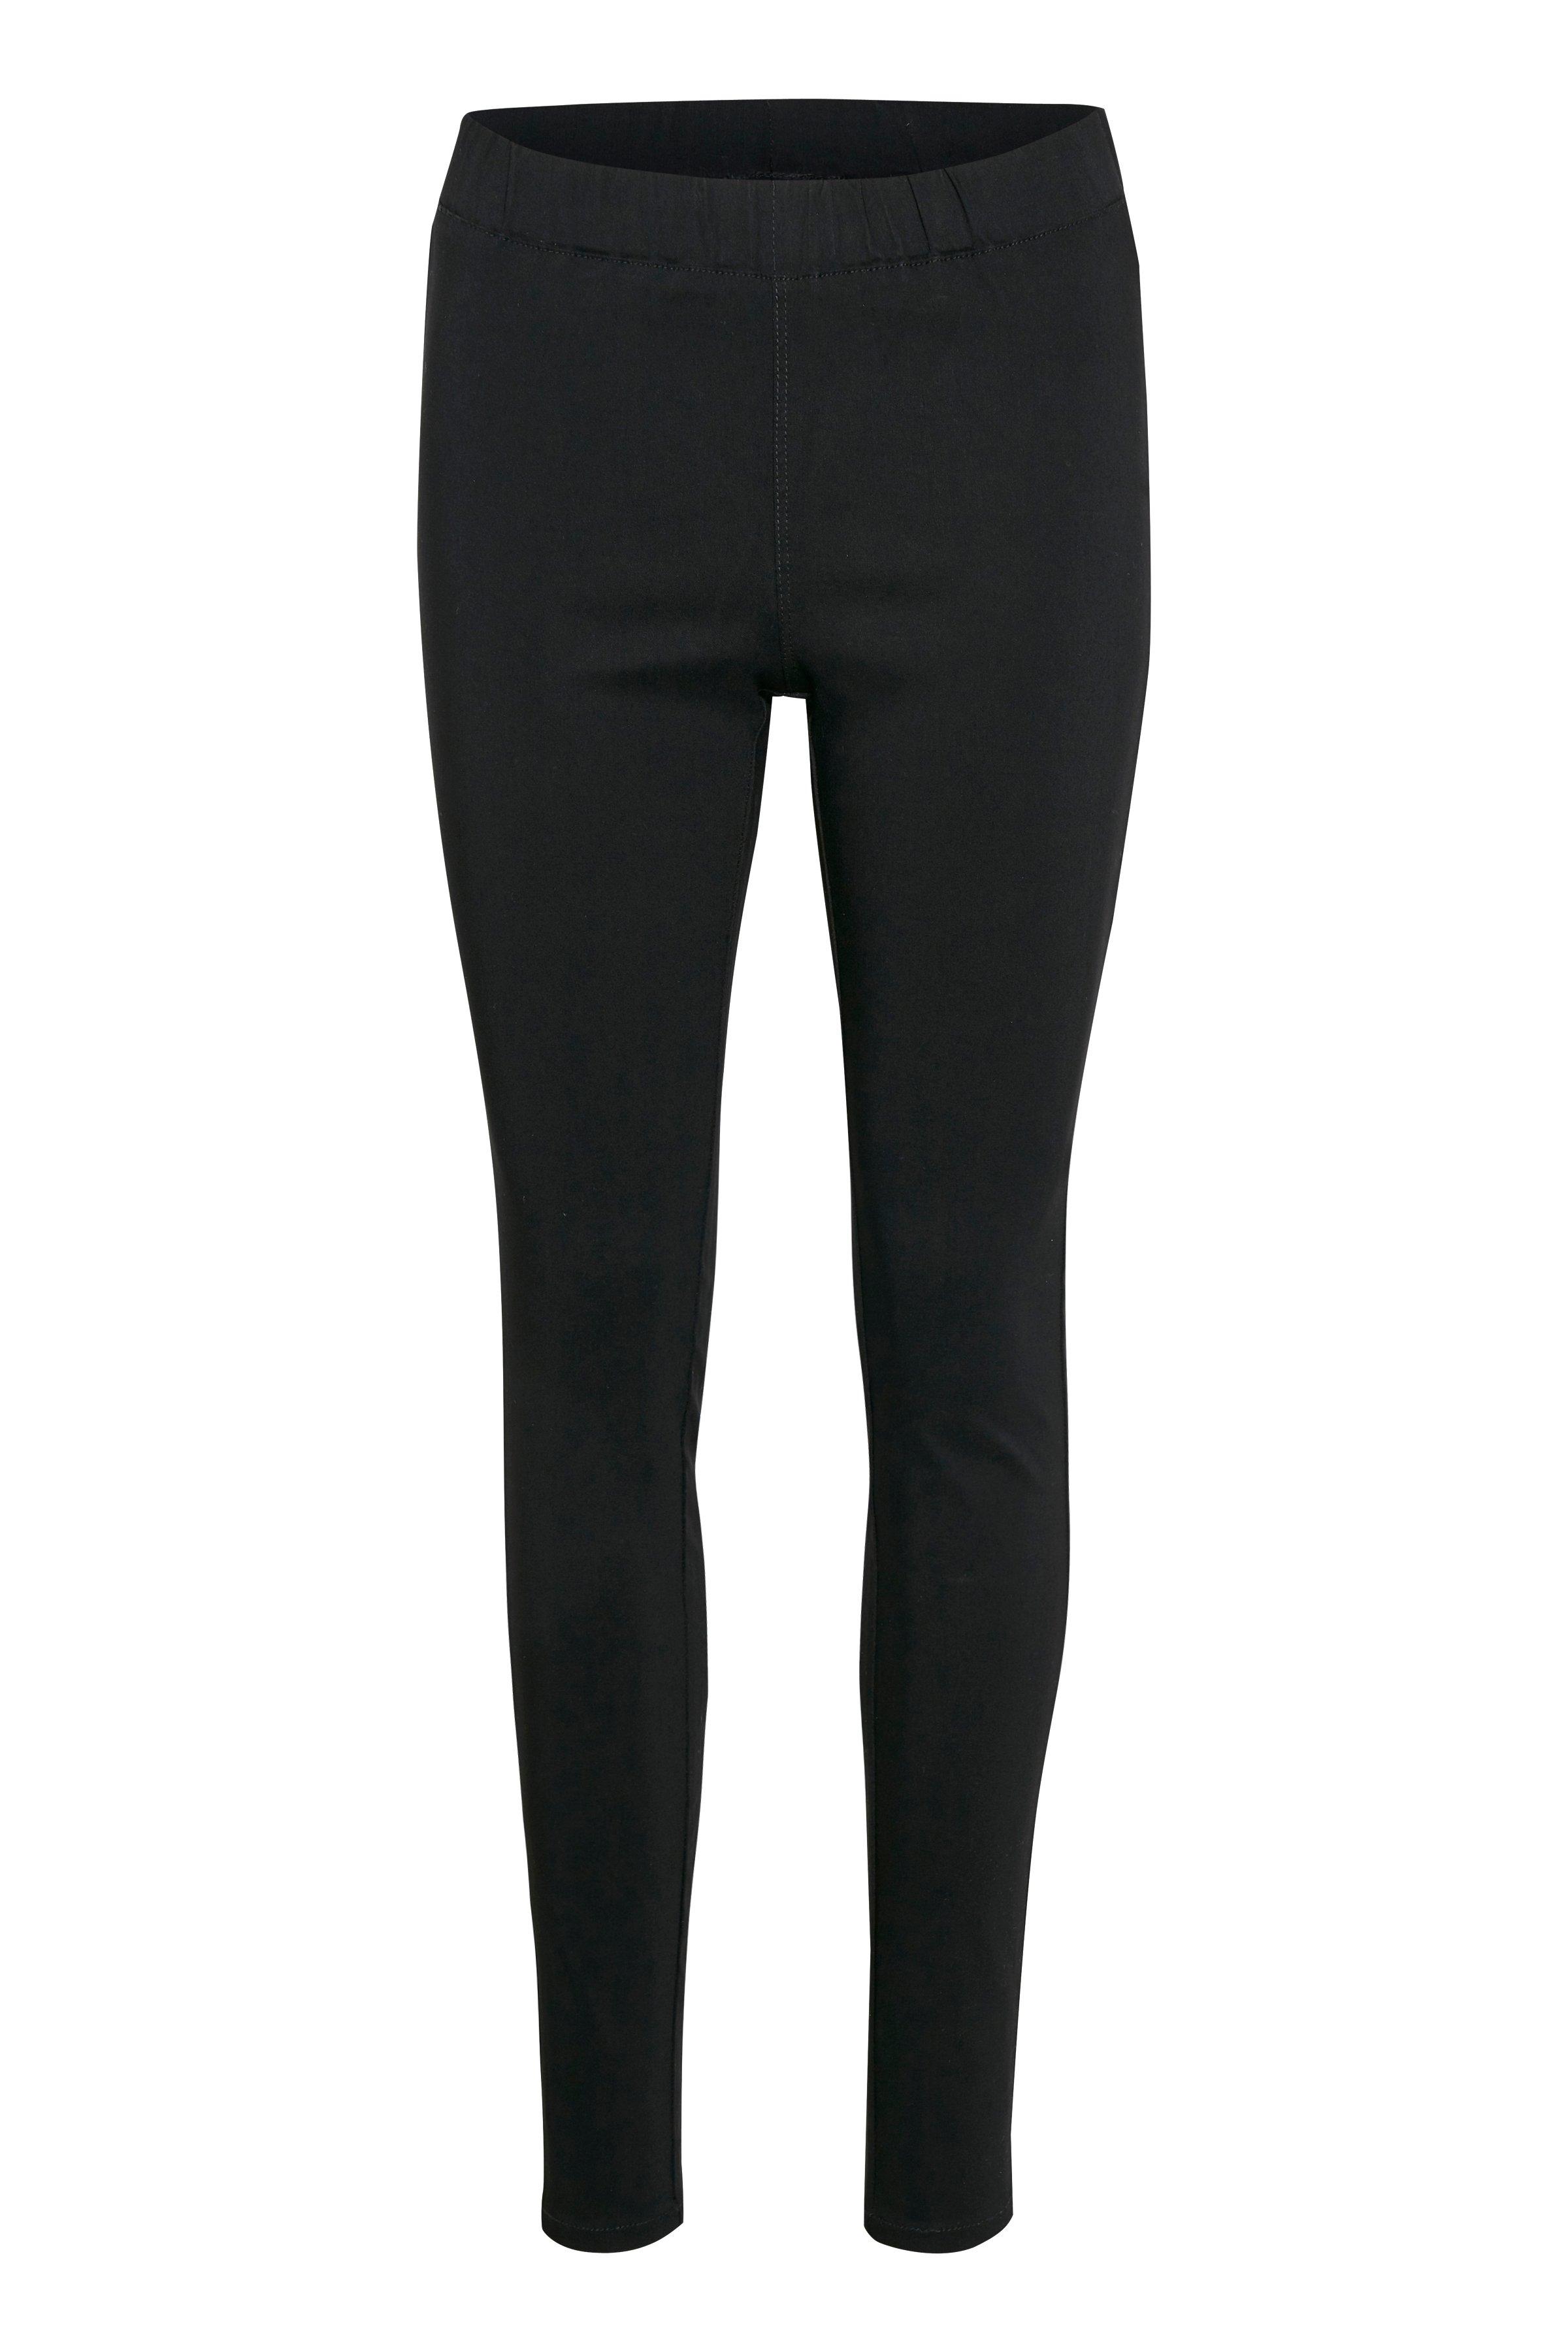 Sort Pants Suiting fra Kaffe – Køb Sort Pants Suiting fra str. 34-46 her